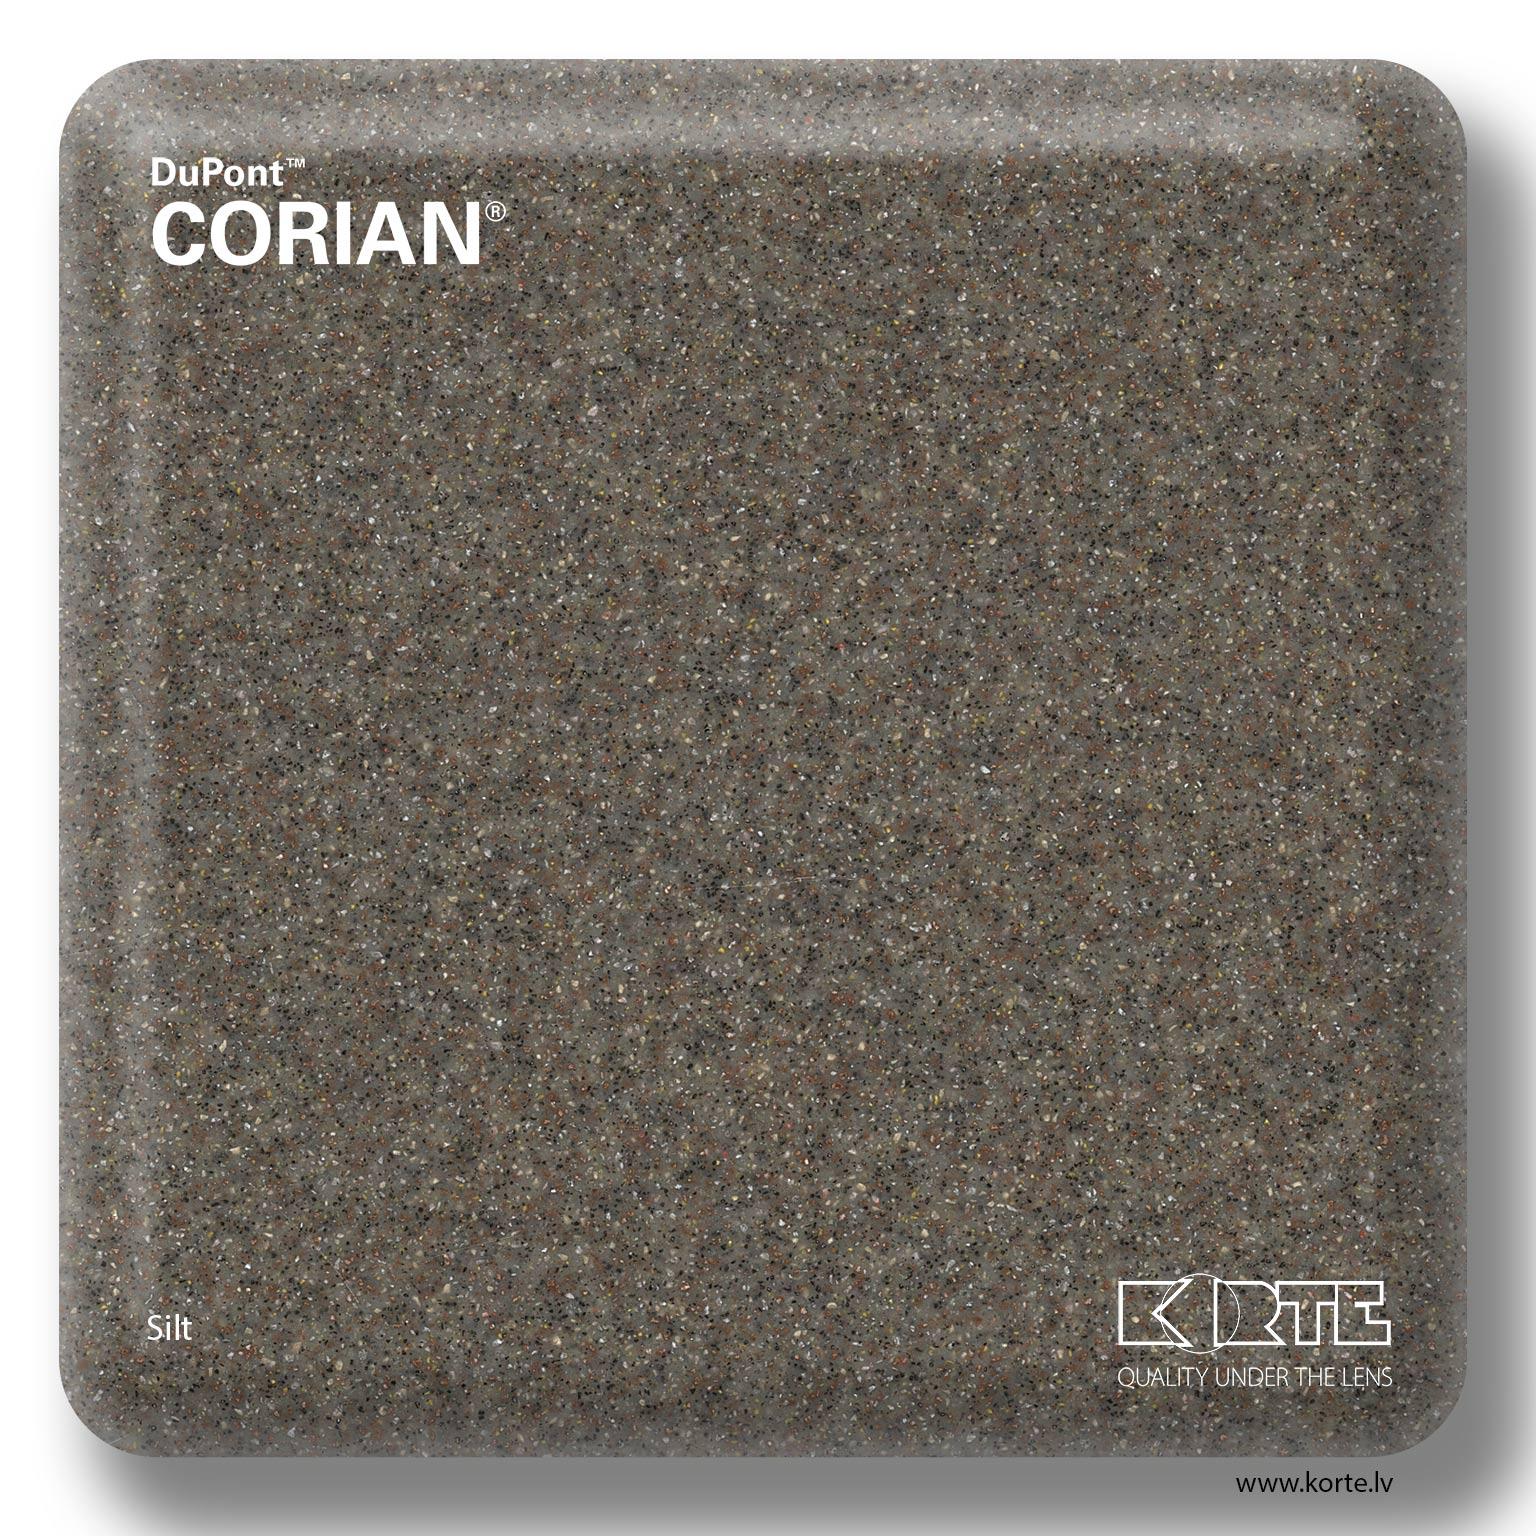 Corian Silt